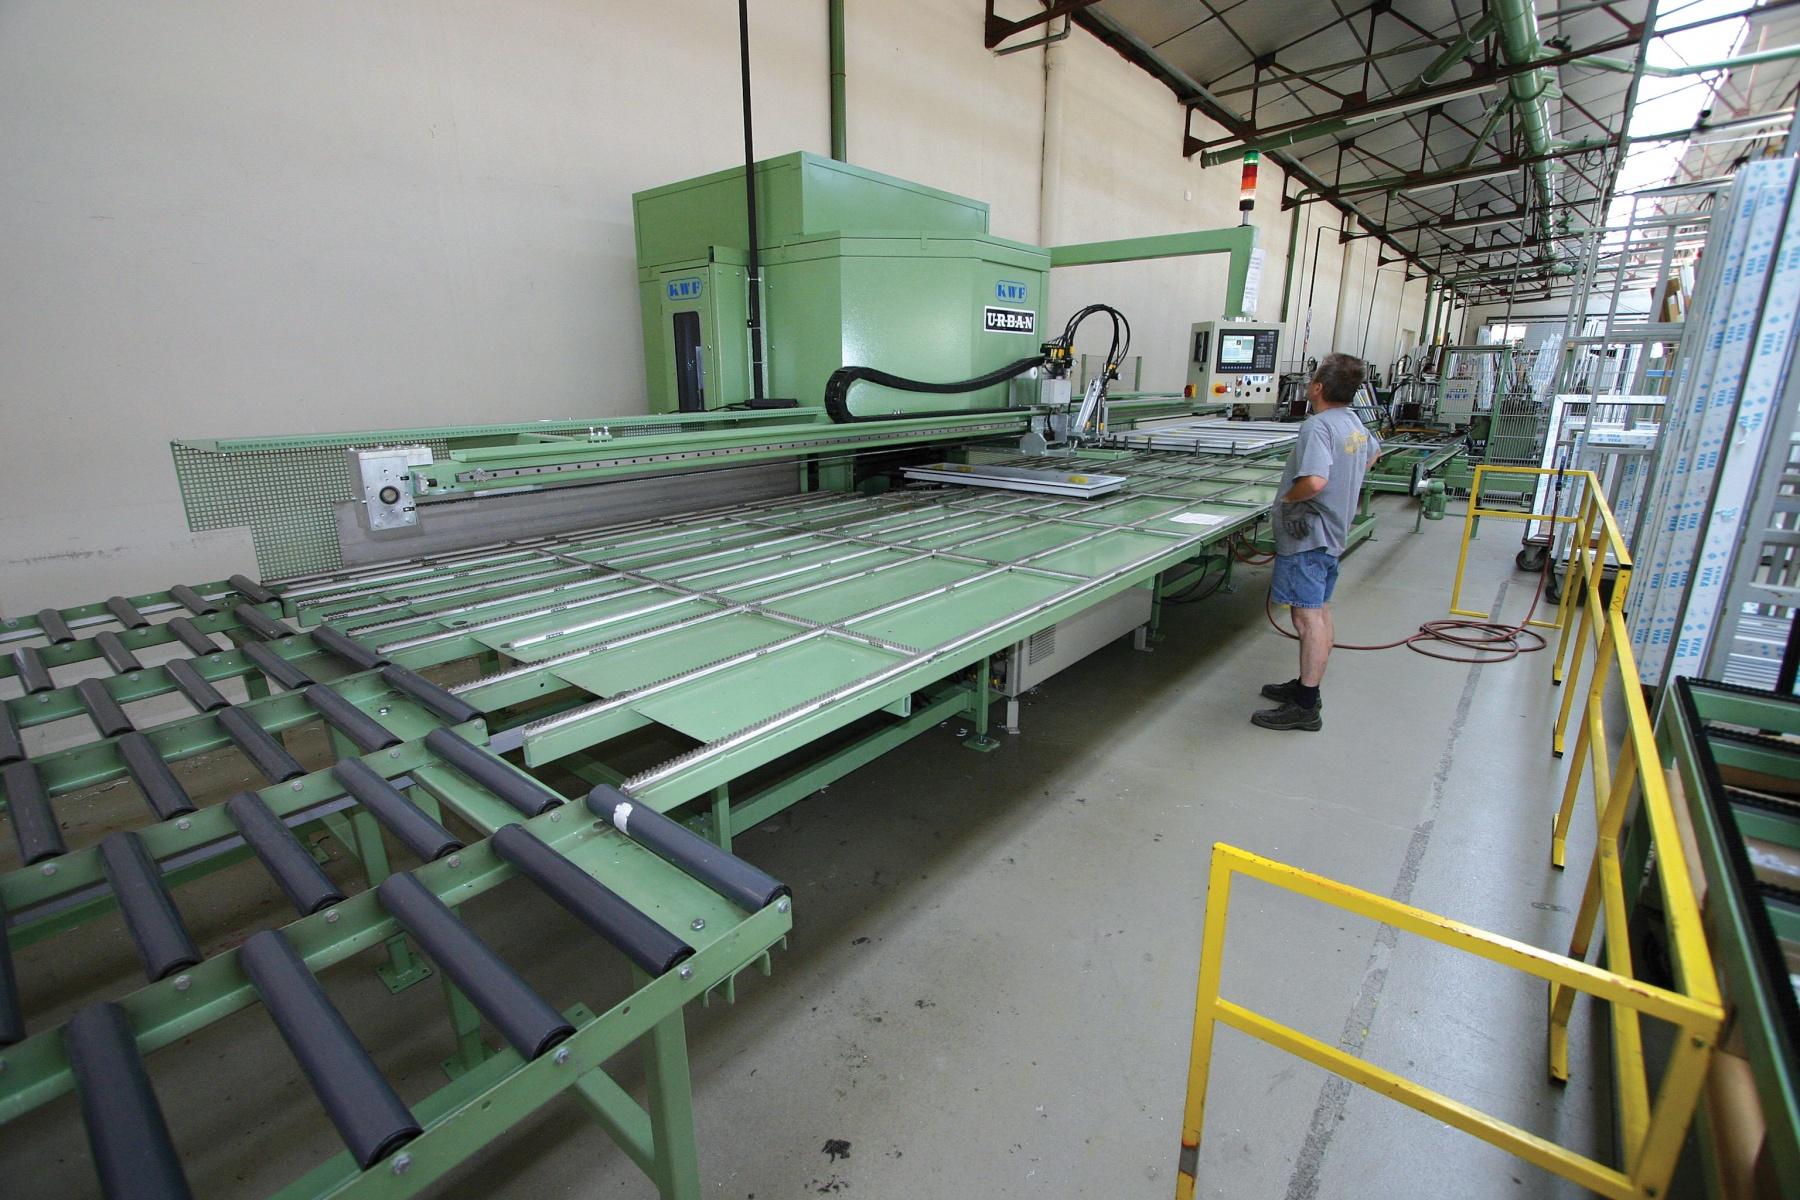 La soci t fabrication trendel fabriquants de for Fabrication fenetre pvc